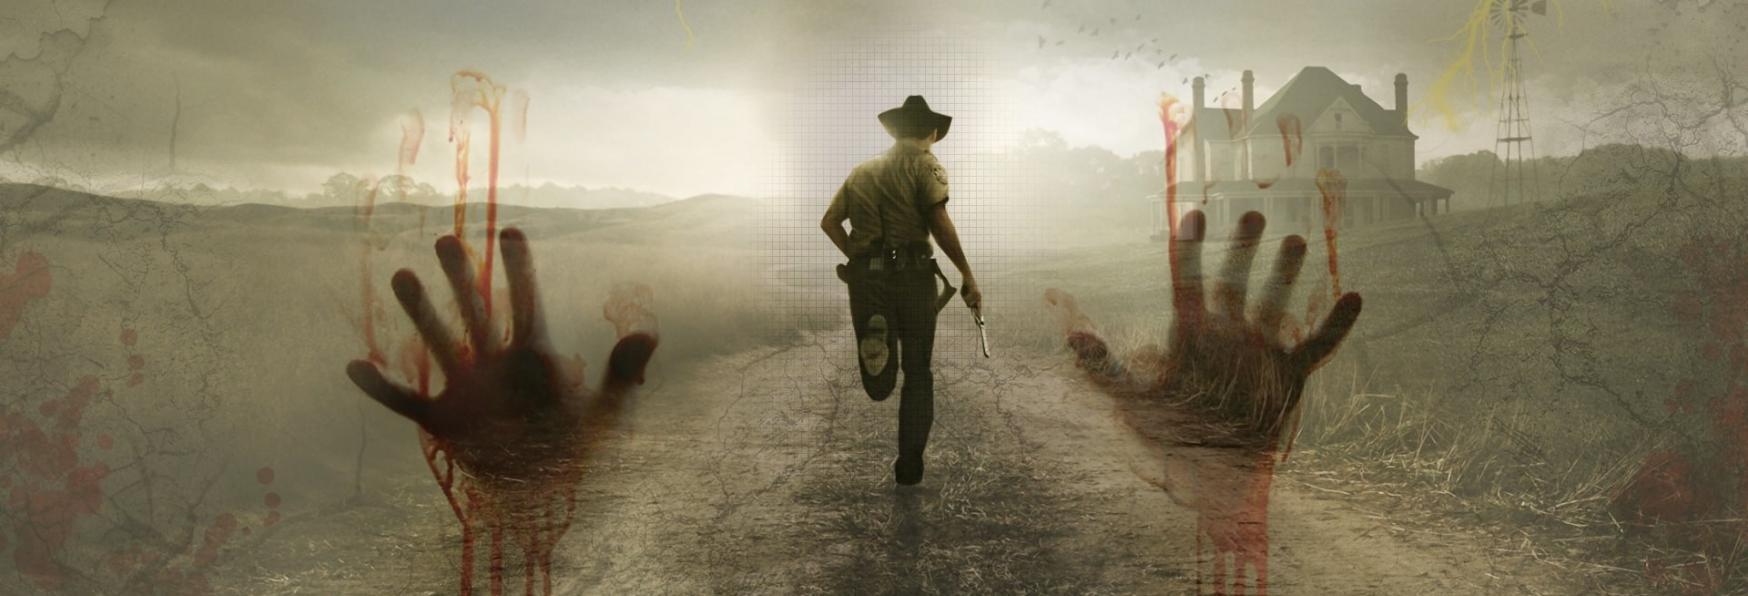 The Walking Dead: la Serie TV di AMC si concluderà con la 12° Stagione?